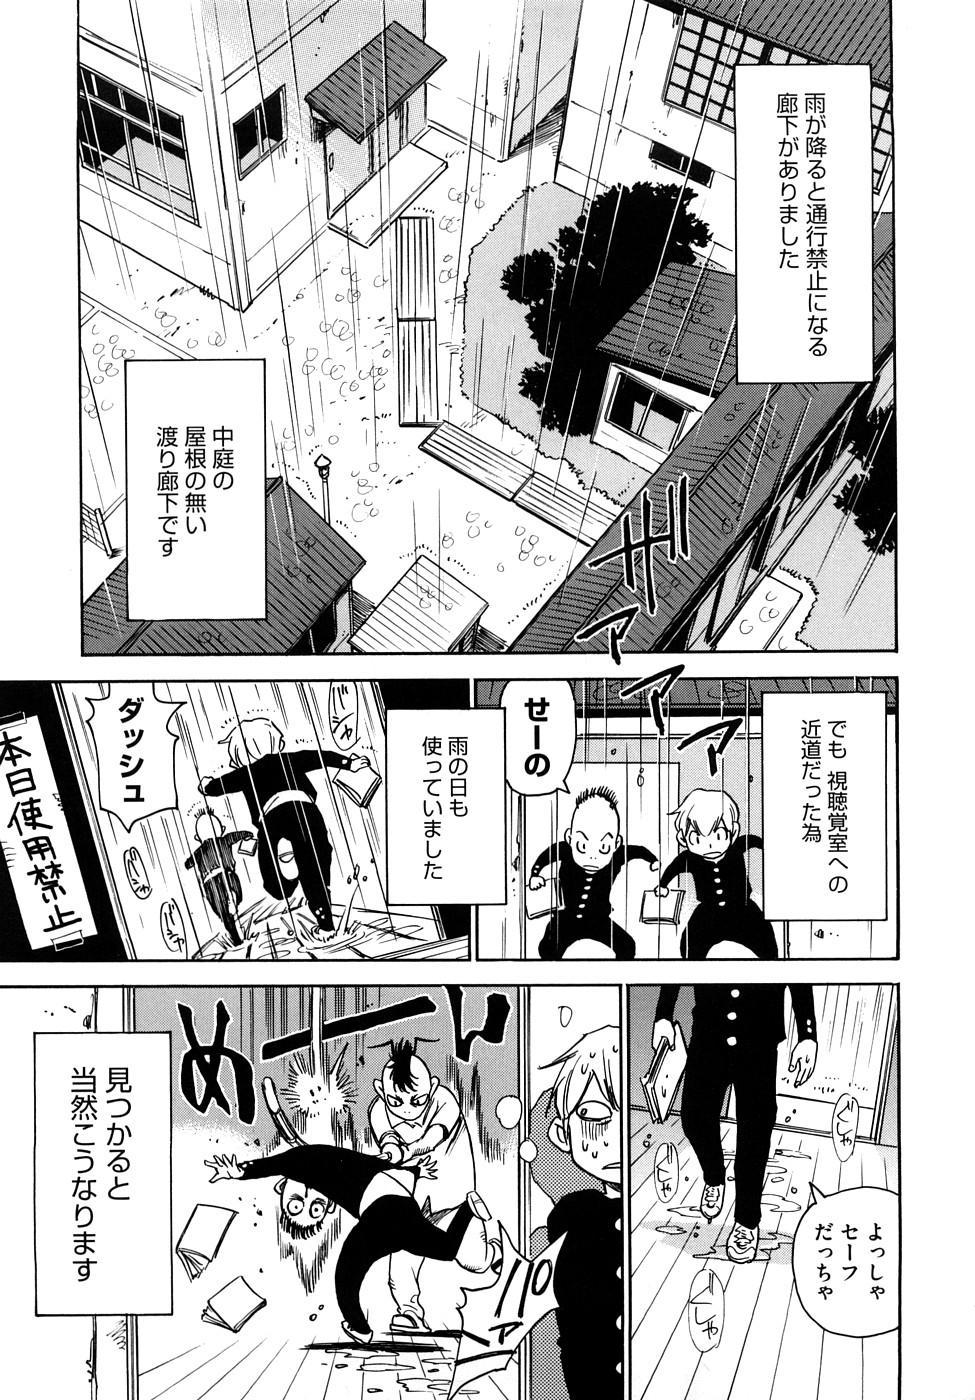 Nanako-san Teki na Nichijou RE 100